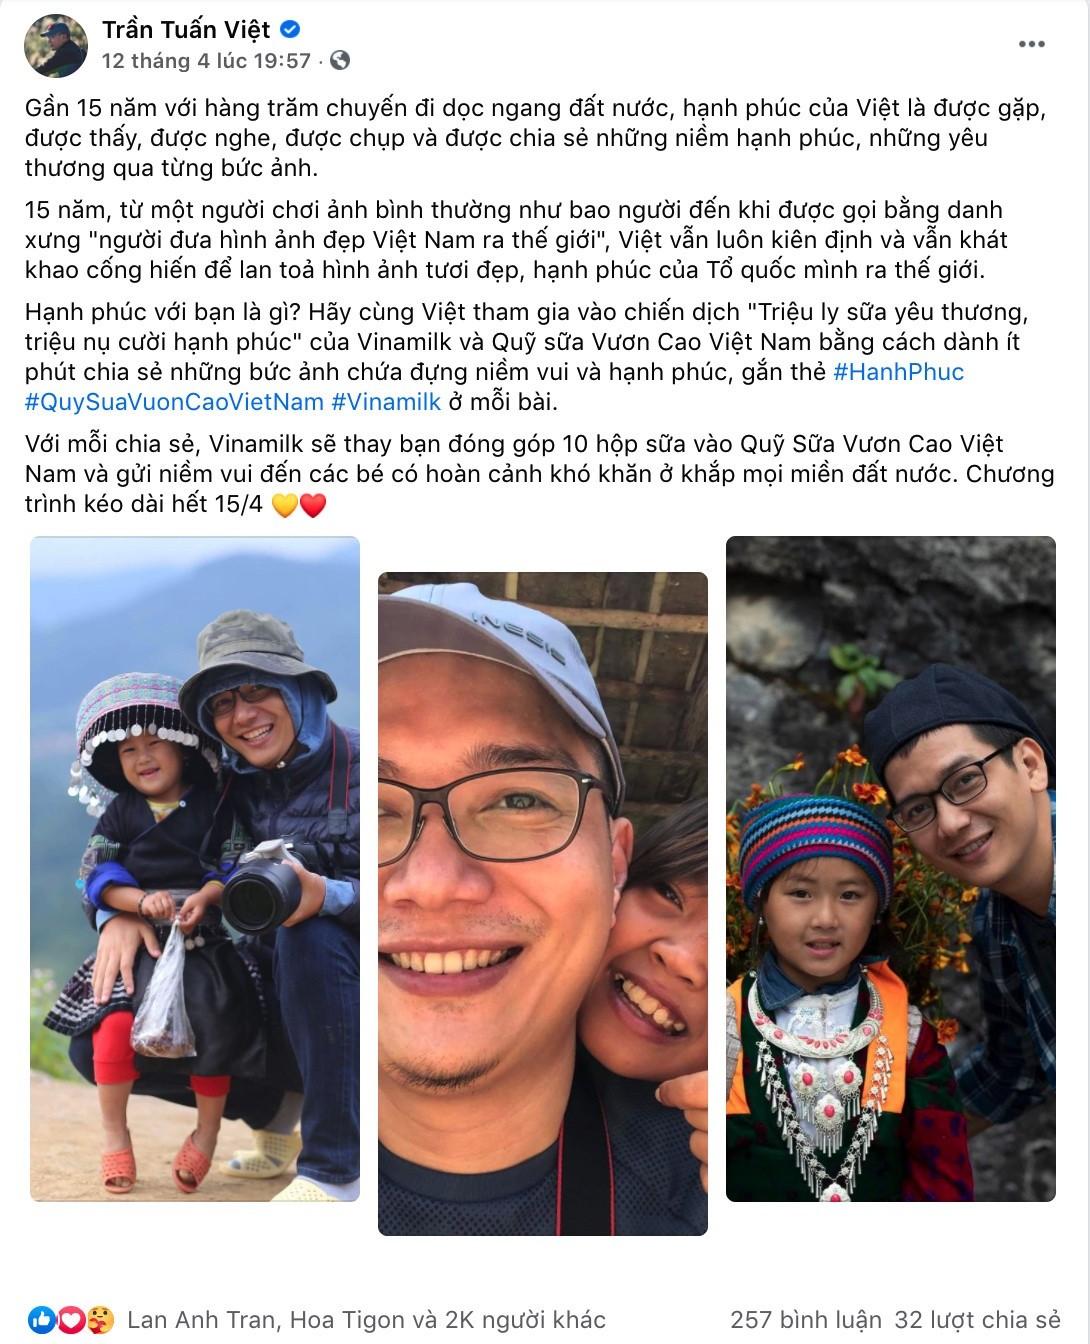 Hình 2: Bài viết hưởng ứng chiến dịch của nhiếp ảnh gia Trần Tuấn Việt đã nhận hơn 2.000 lượt thích và chia sẻ.